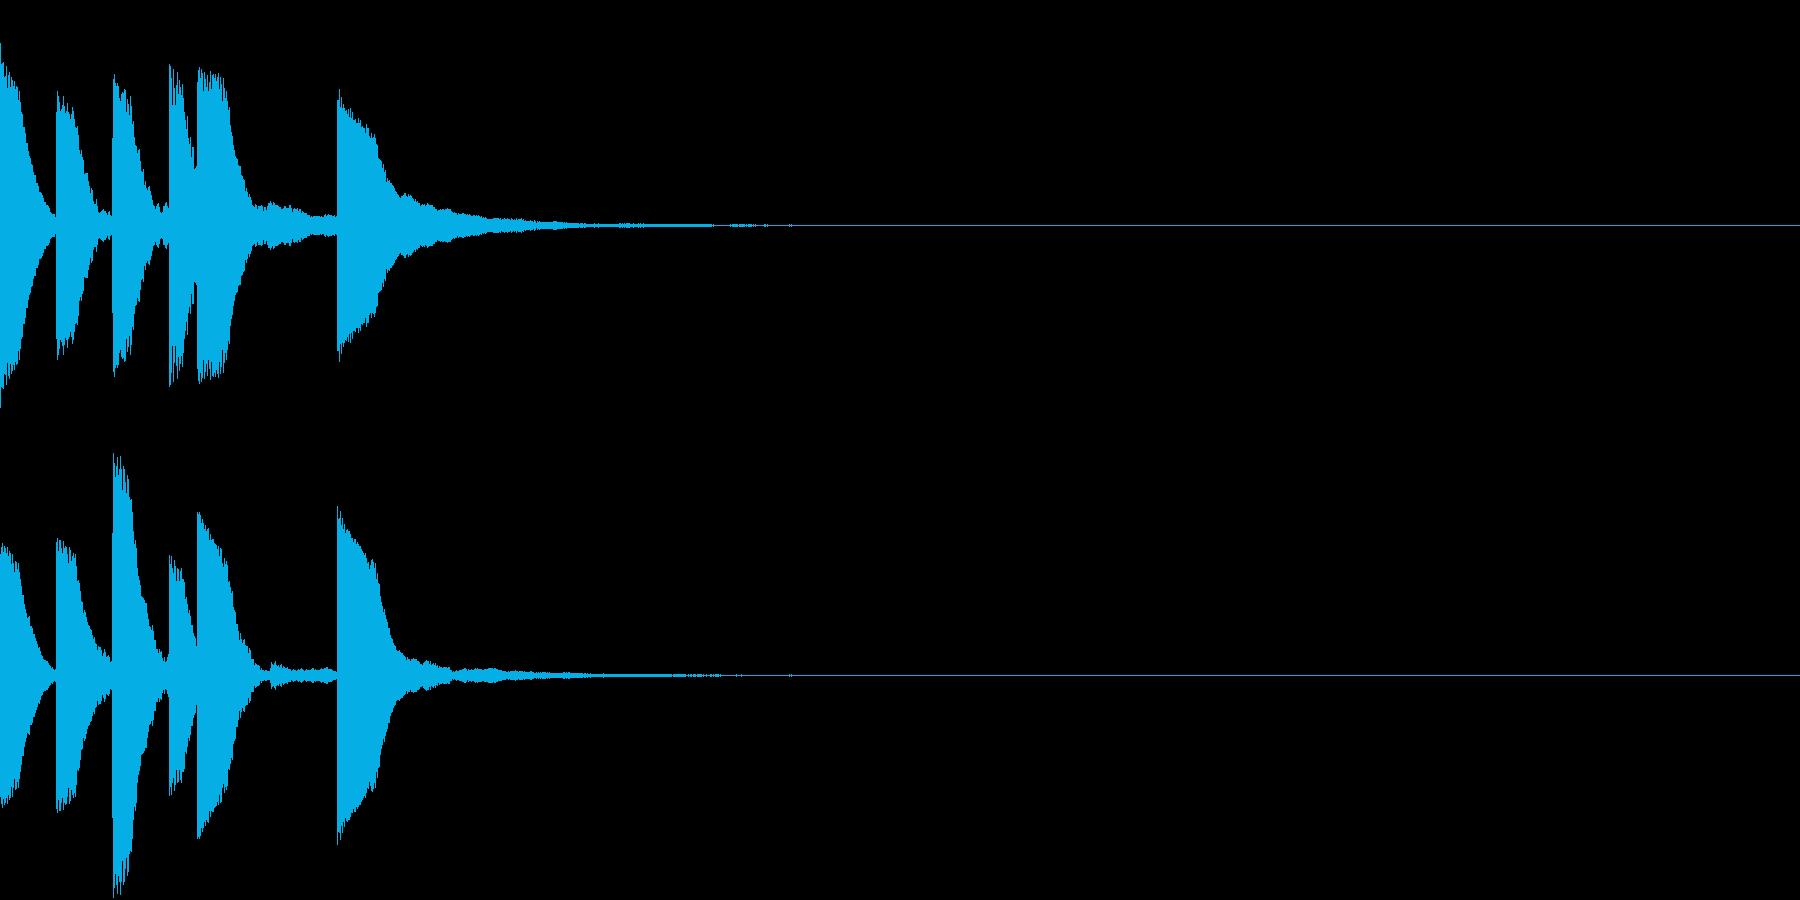 Anime ゆるかわアイキャッチ 2の再生済みの波形